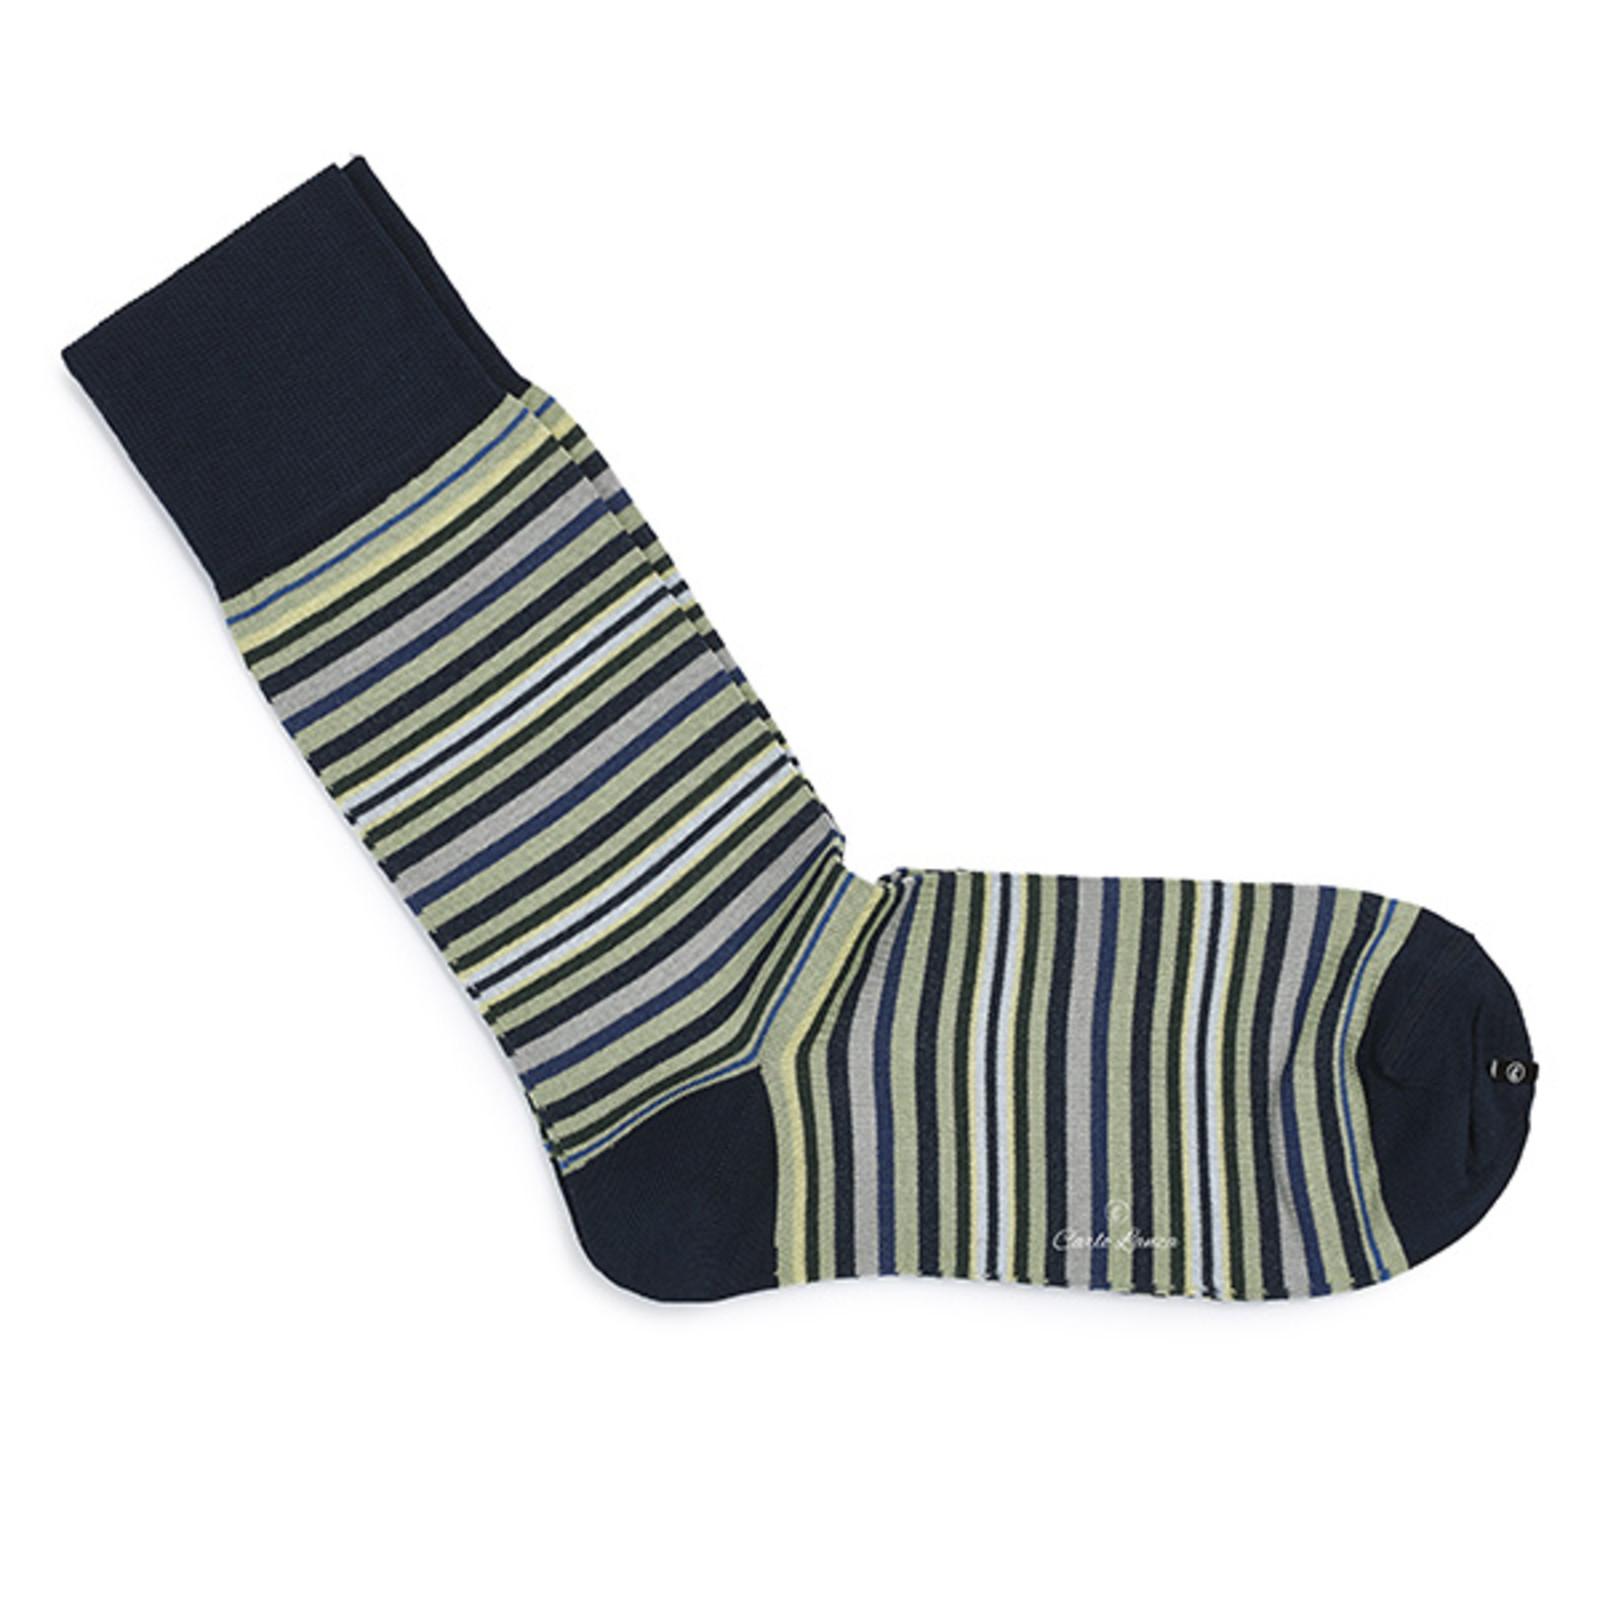 Carlo Lanza Dunkelblaue gestreifte Socken Baumwolle